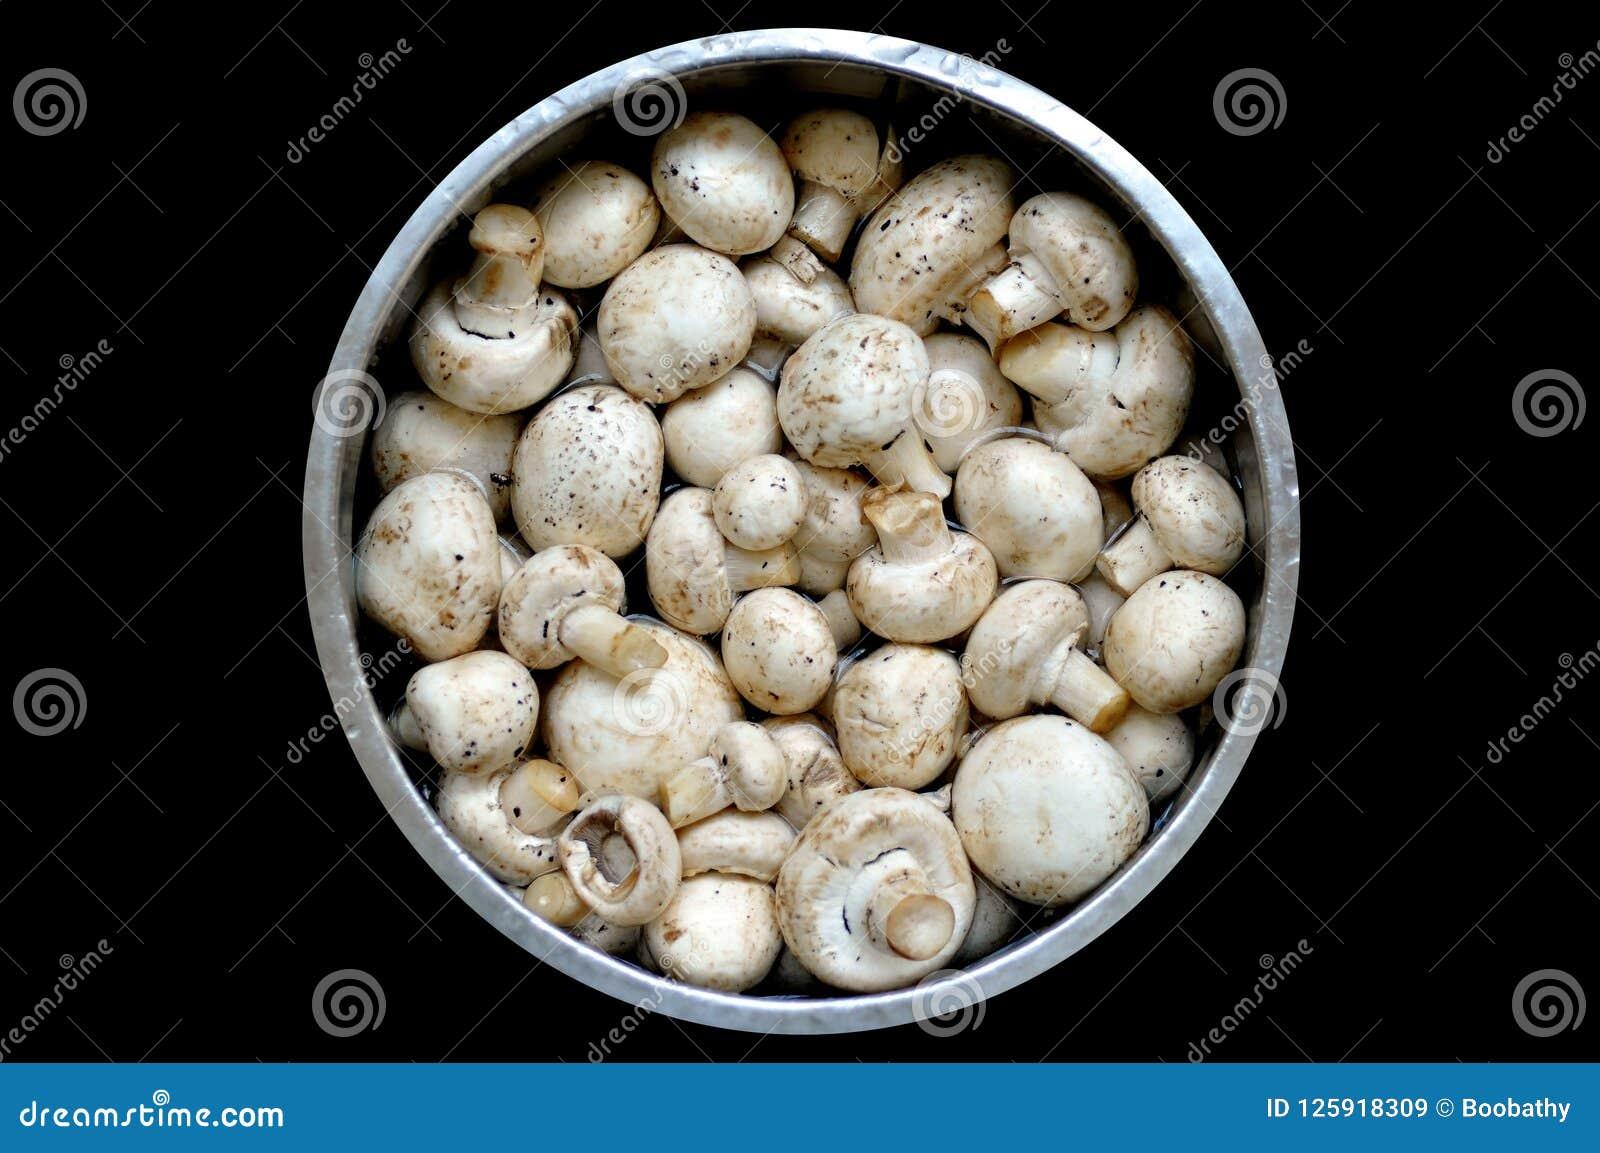 Mushroom on market